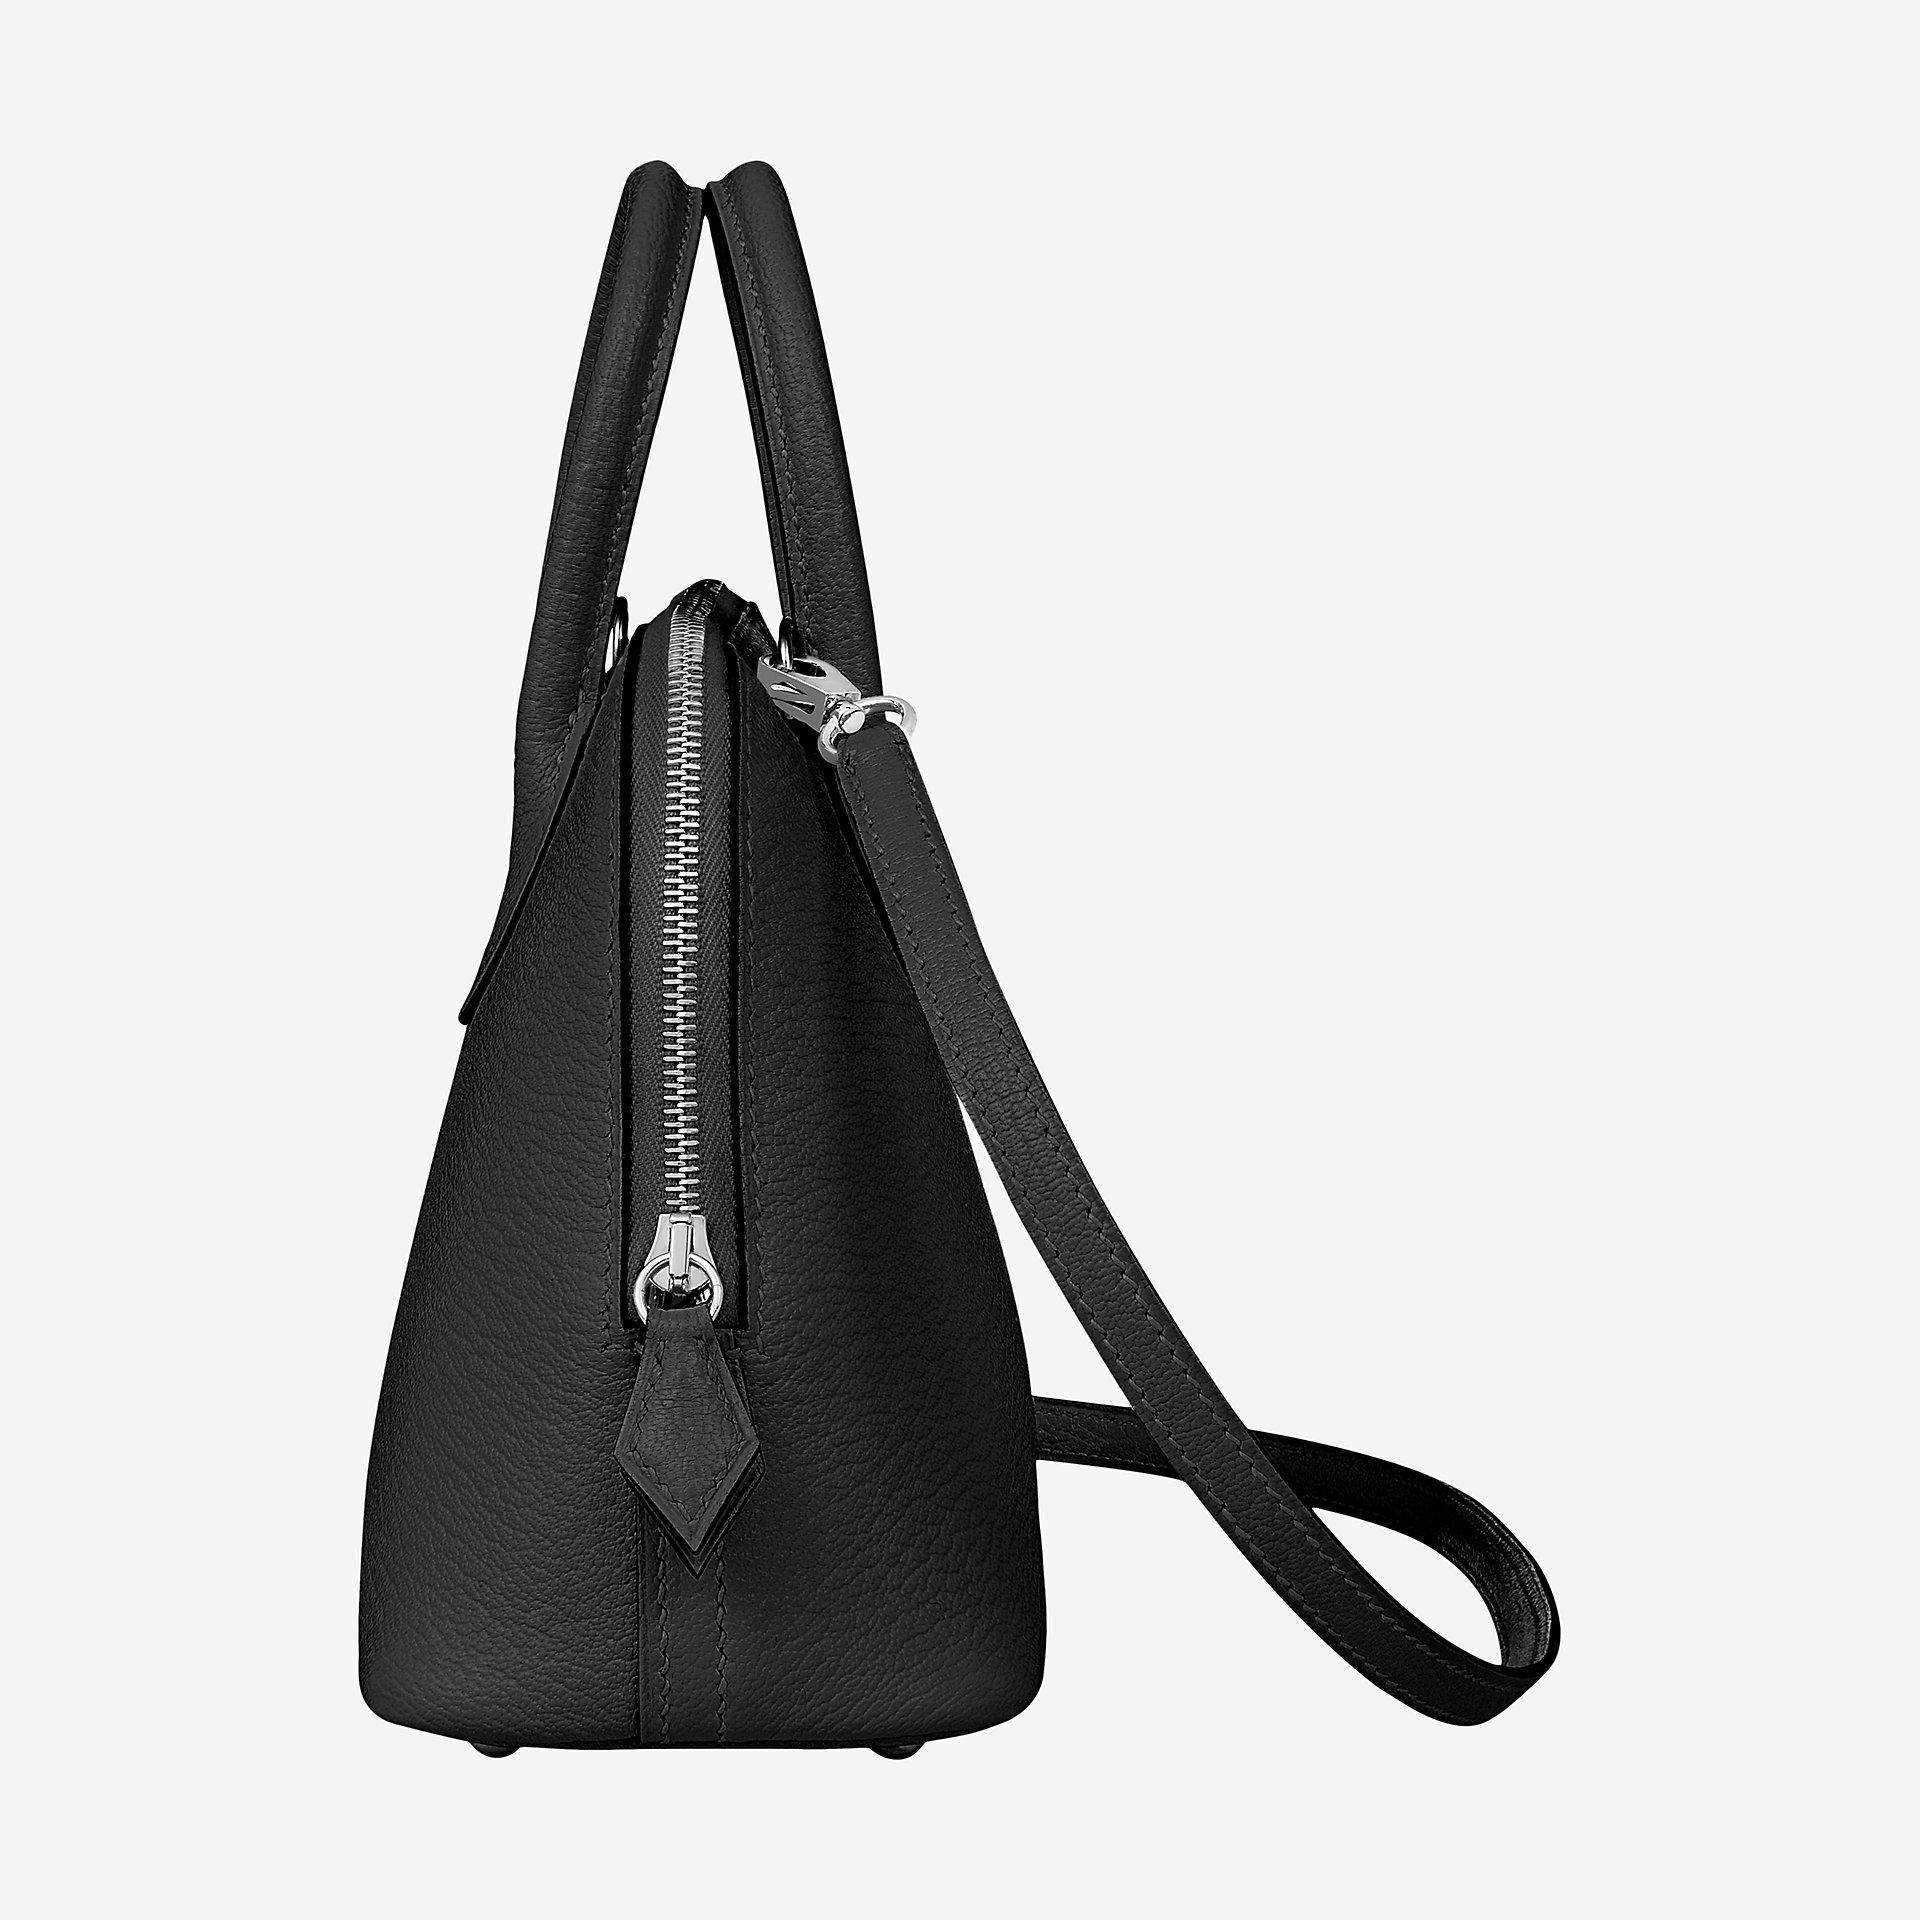 Hermes Bolide 1923 mini bag CK89 noir Mysore goatskin